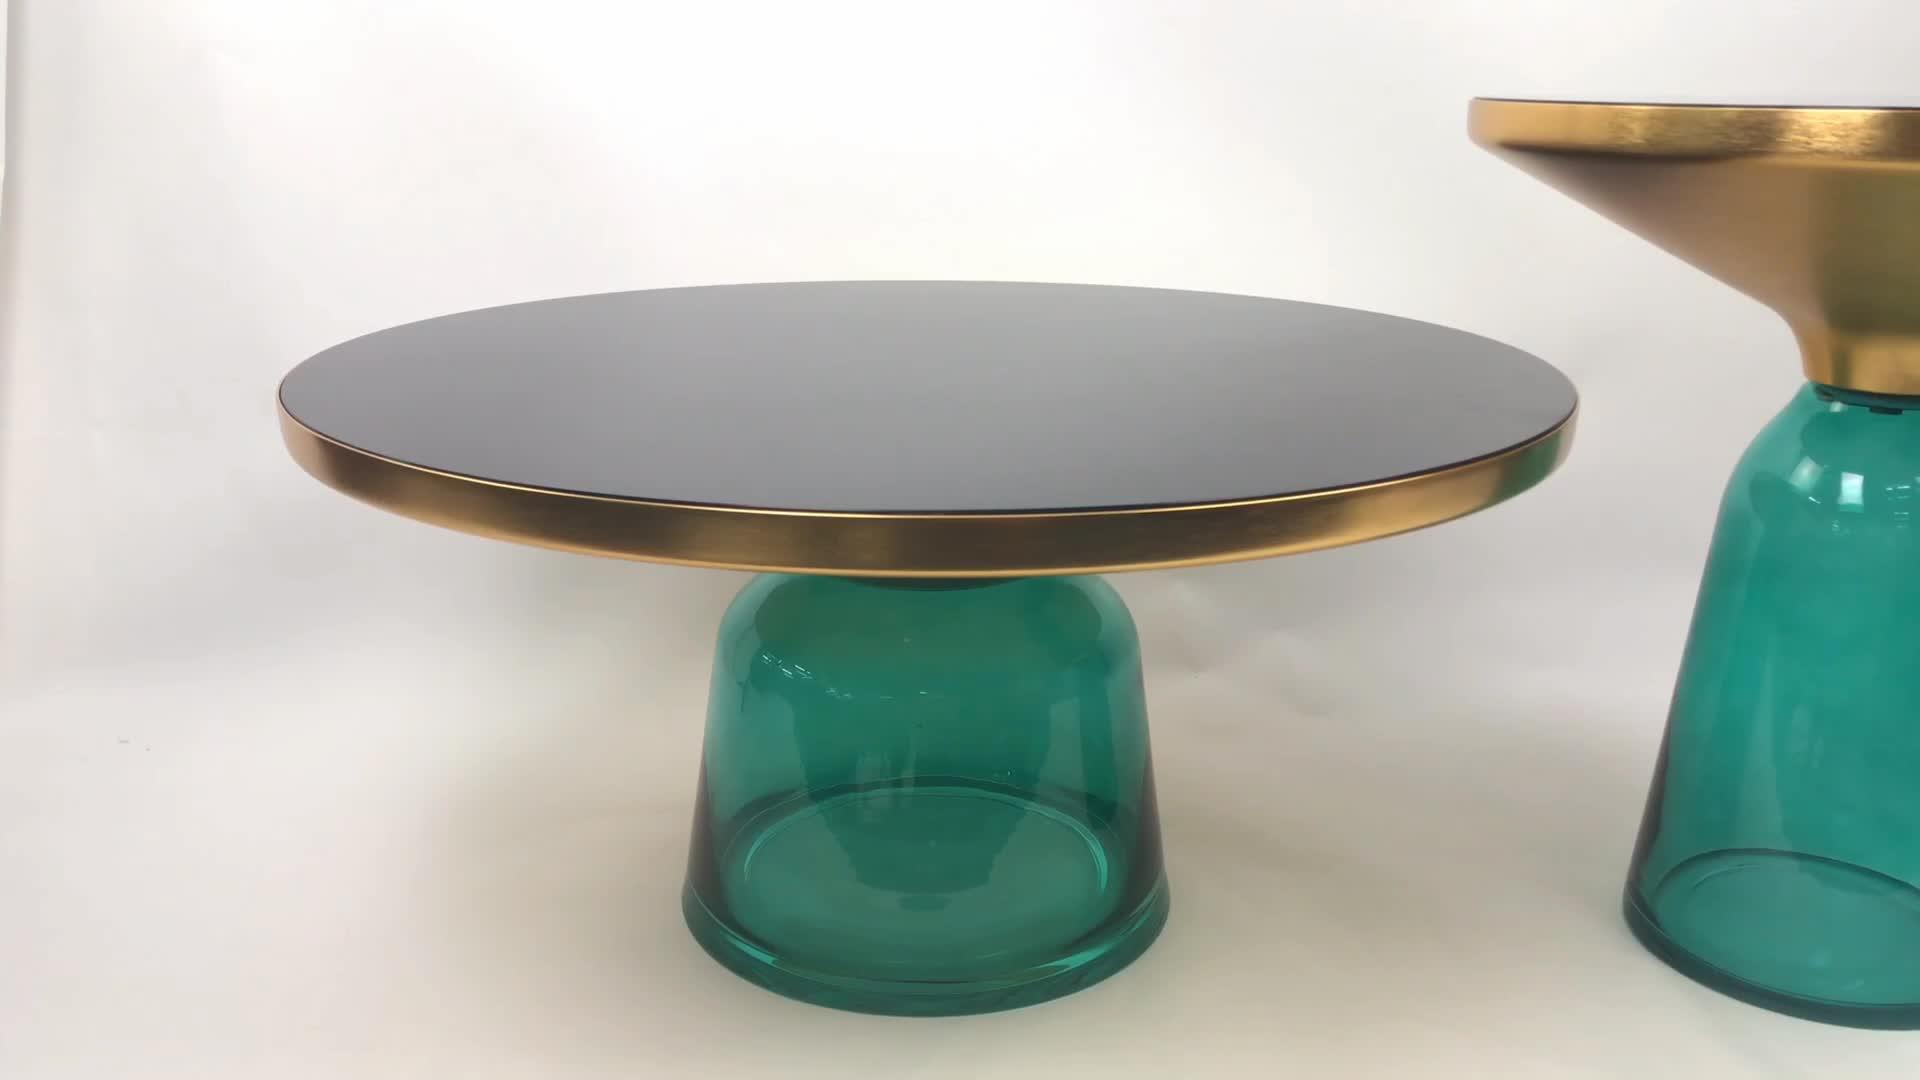 เฟอร์นิเจอร์ห้องนั่งเล่นหรูหราทองทองเหลืองสีดำอารมณ์กระจกด้านบนระฆังด้านข้างโต๊ะกาแฟ